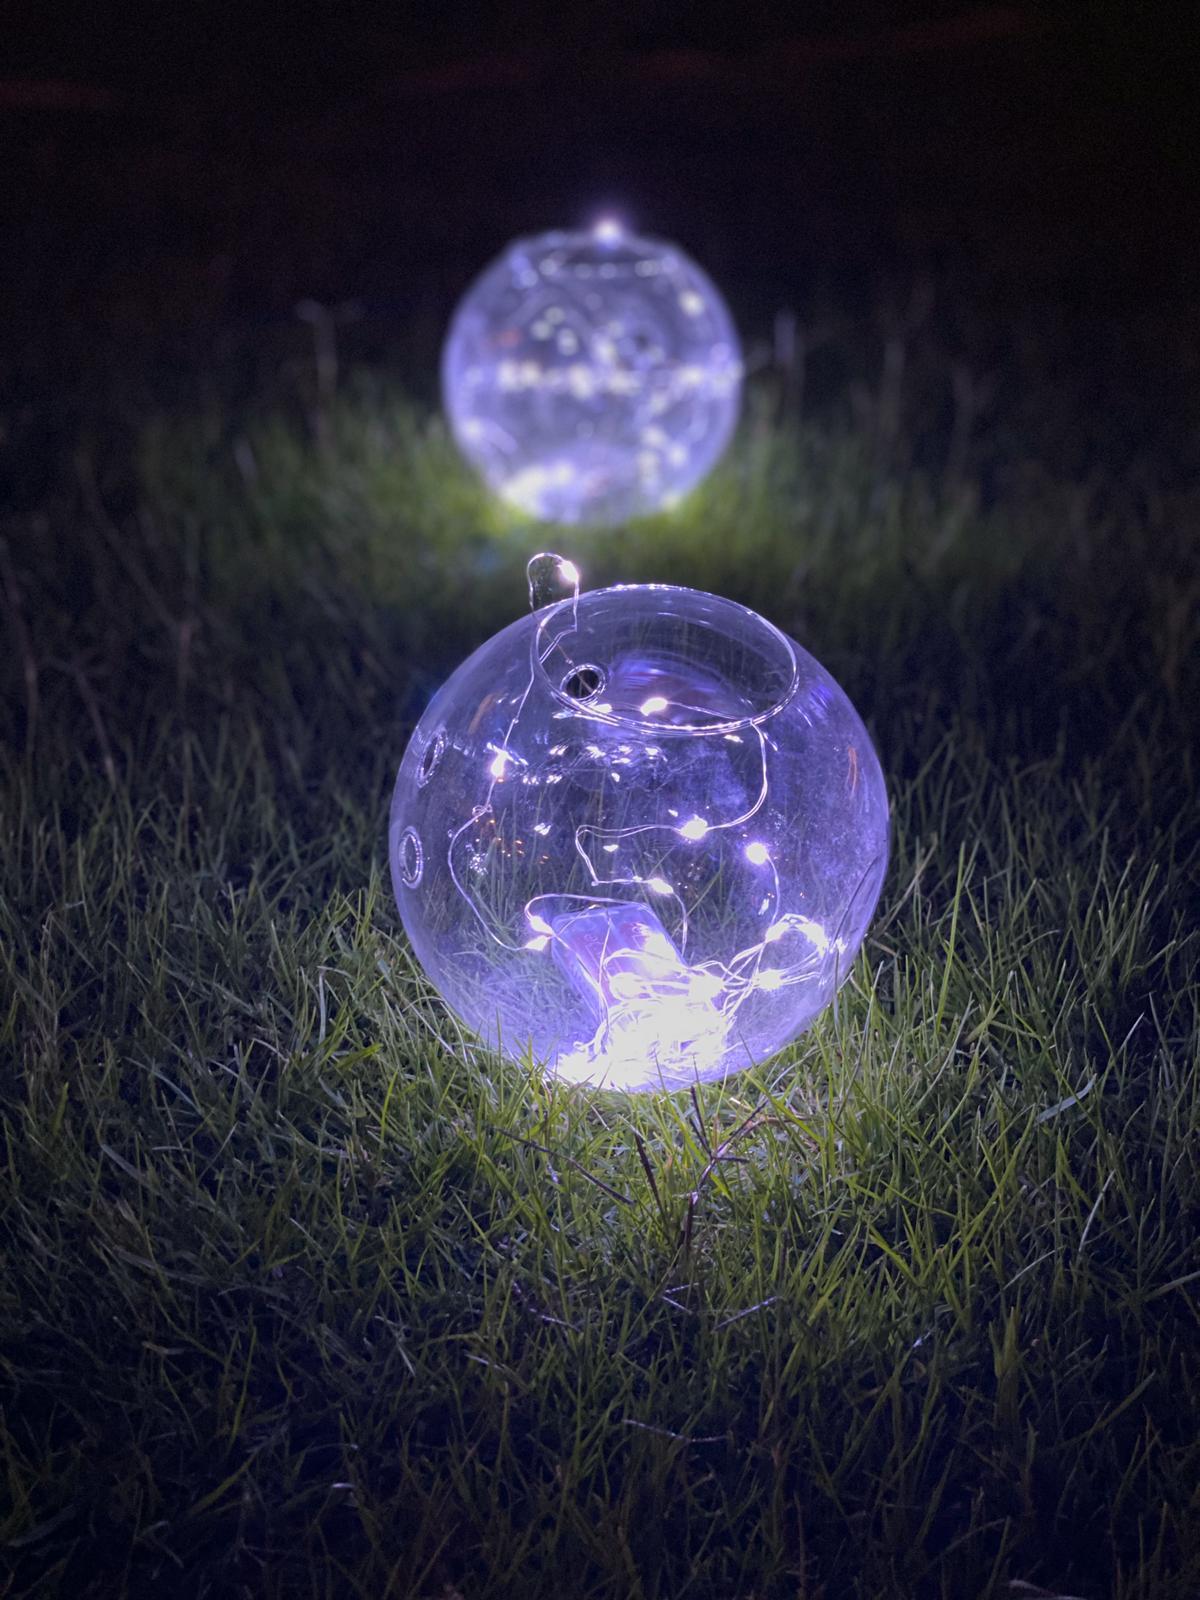 فازات زجاجية مدورة وصغيرة مع إضاءة -5 فازات  'موسم الأعياد